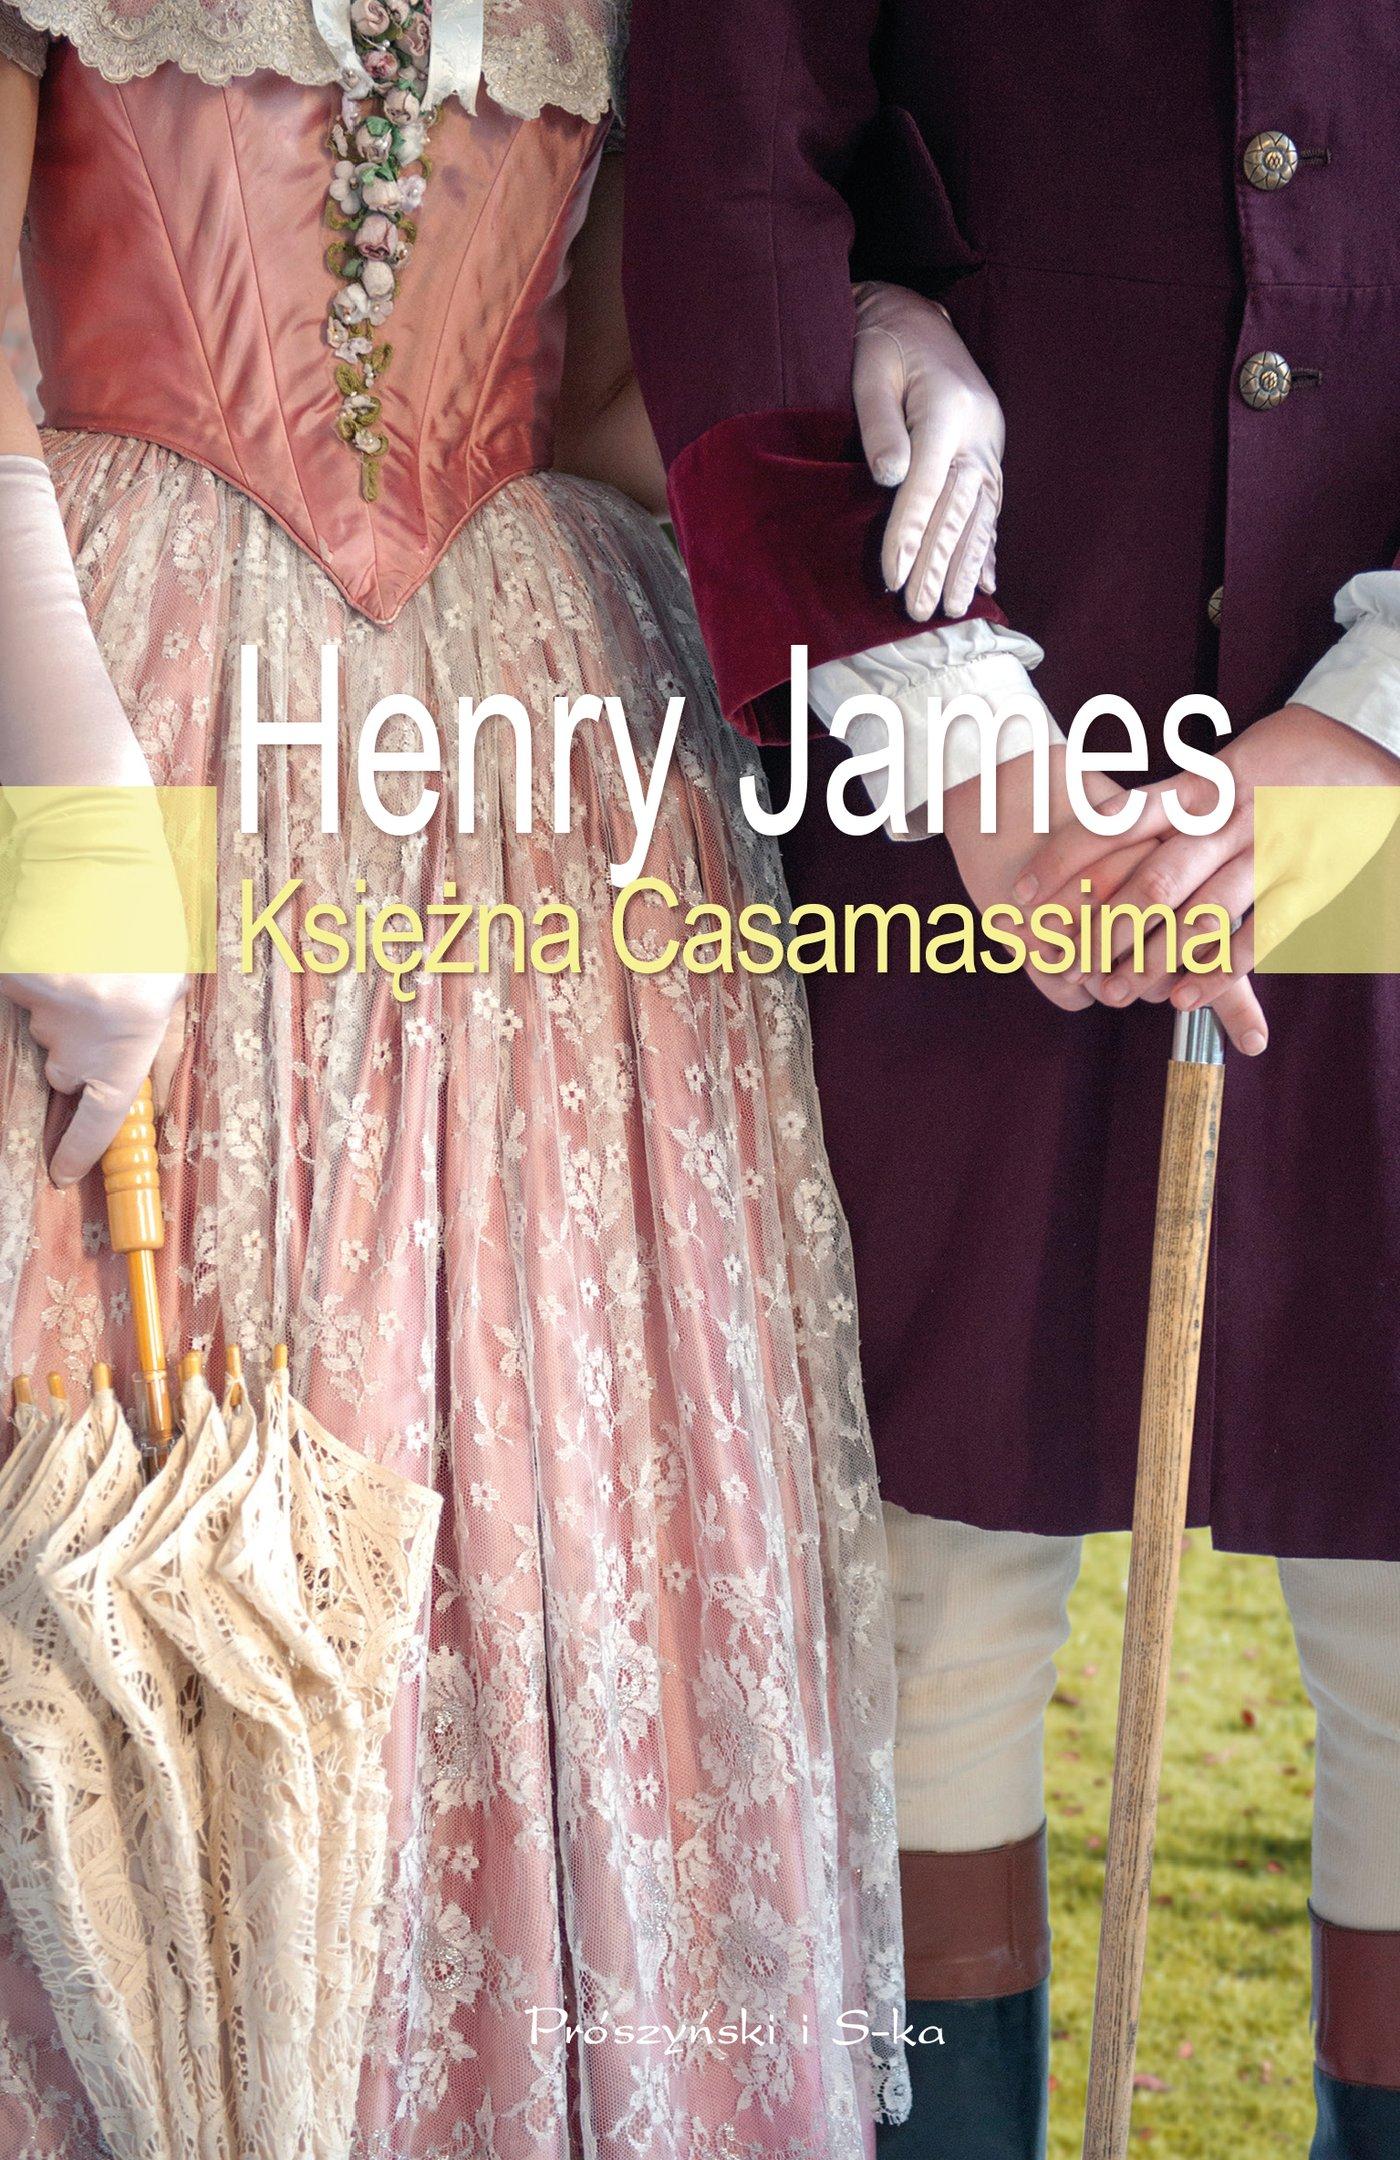 Księżna Casamassima - Ebook (Książka EPUB) do pobrania w formacie EPUB